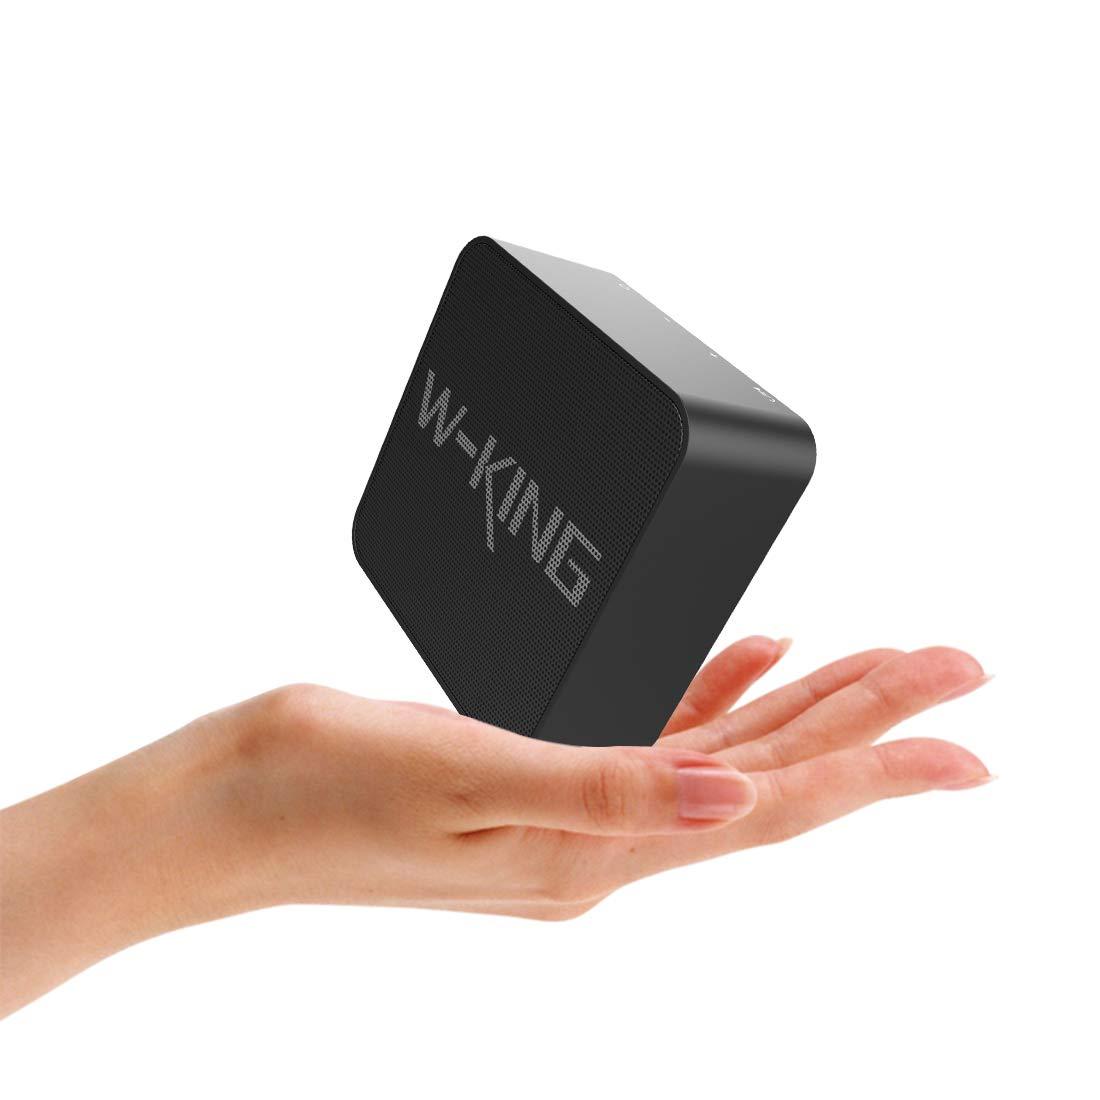 W-KING Bluetooth Lautsprecher, Wireless Tragbarer Bluetooth Lautsprecher mit Freisprechfunktion 10-Stunden Spielzeit Integriertes Mikrofon,10 Meter Bluetooth Reichweite, geeignet für Zuhause, Party ) Schwarz